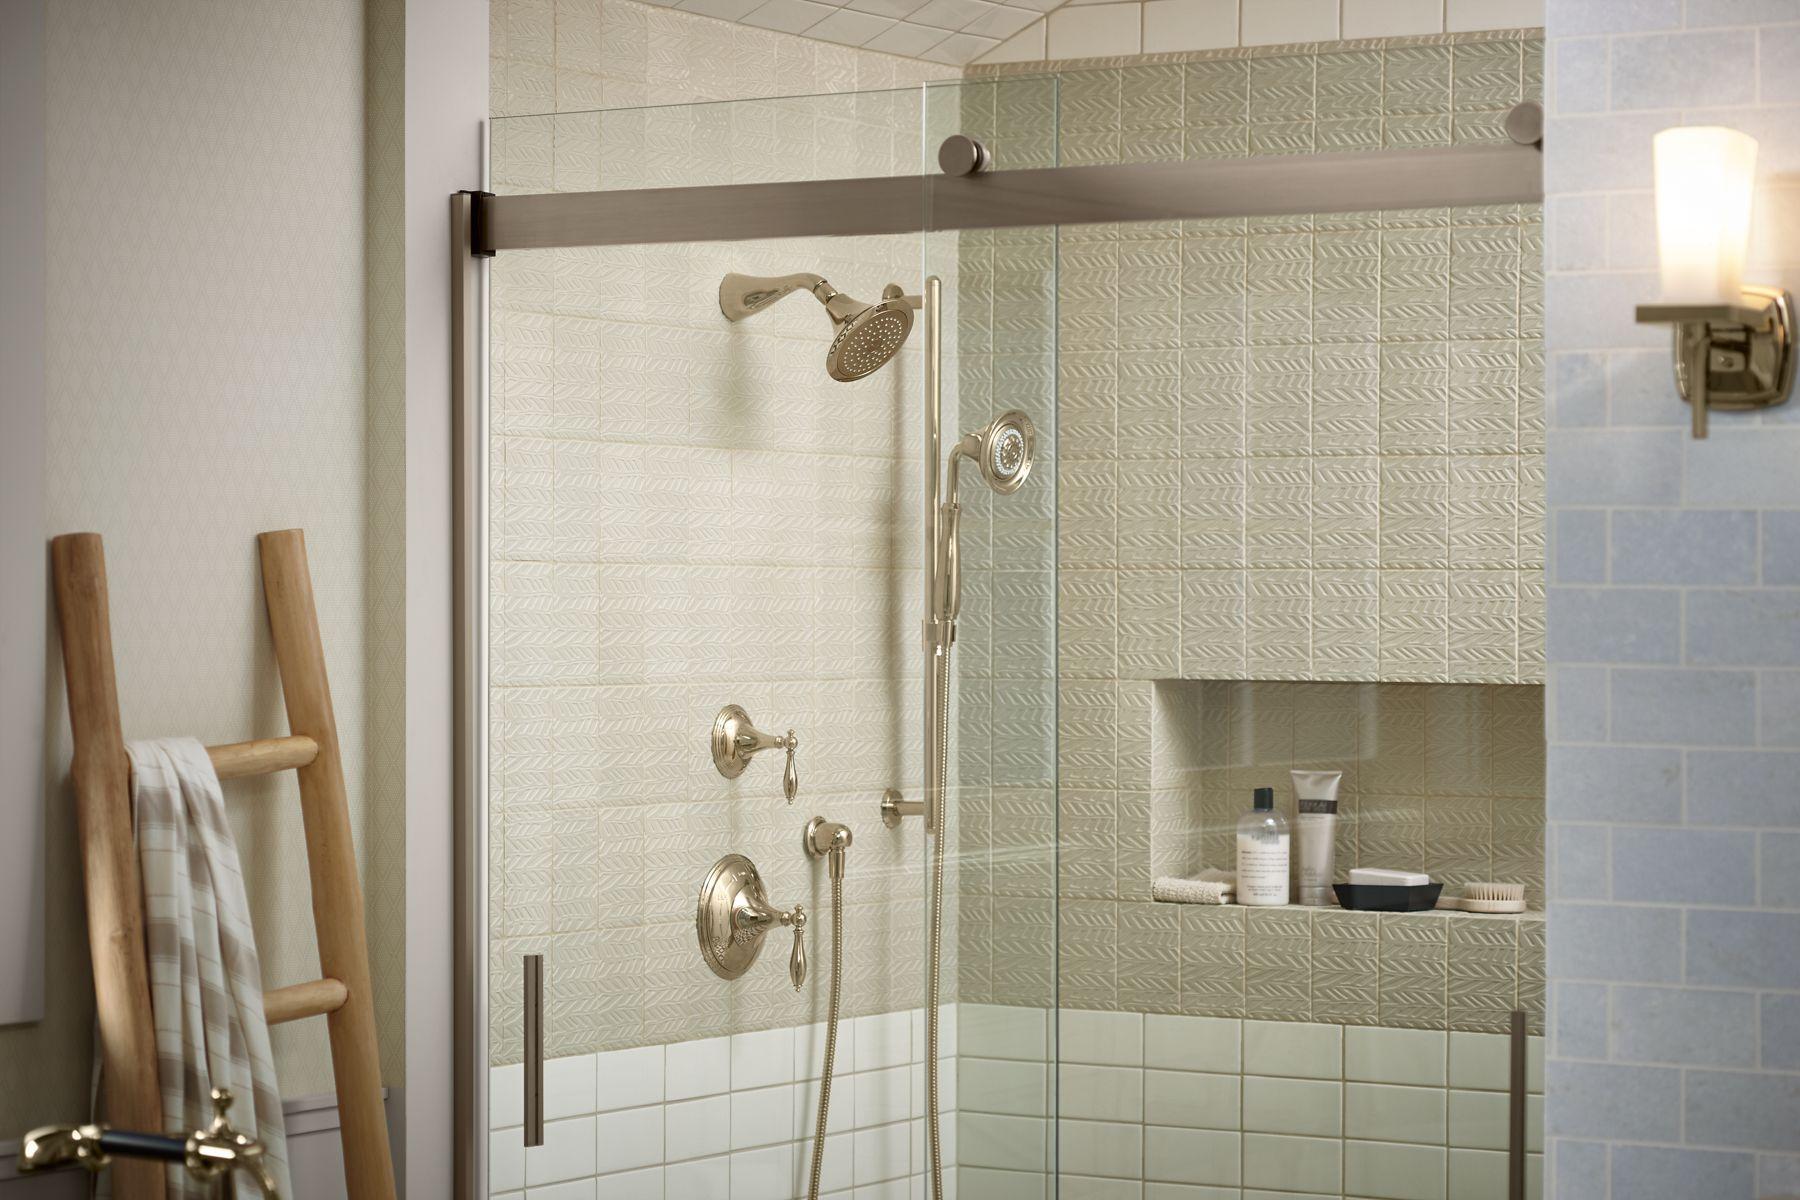 Frameless Shower Doors & Shower Frame Options | Shower Doors Guide | KOHLER